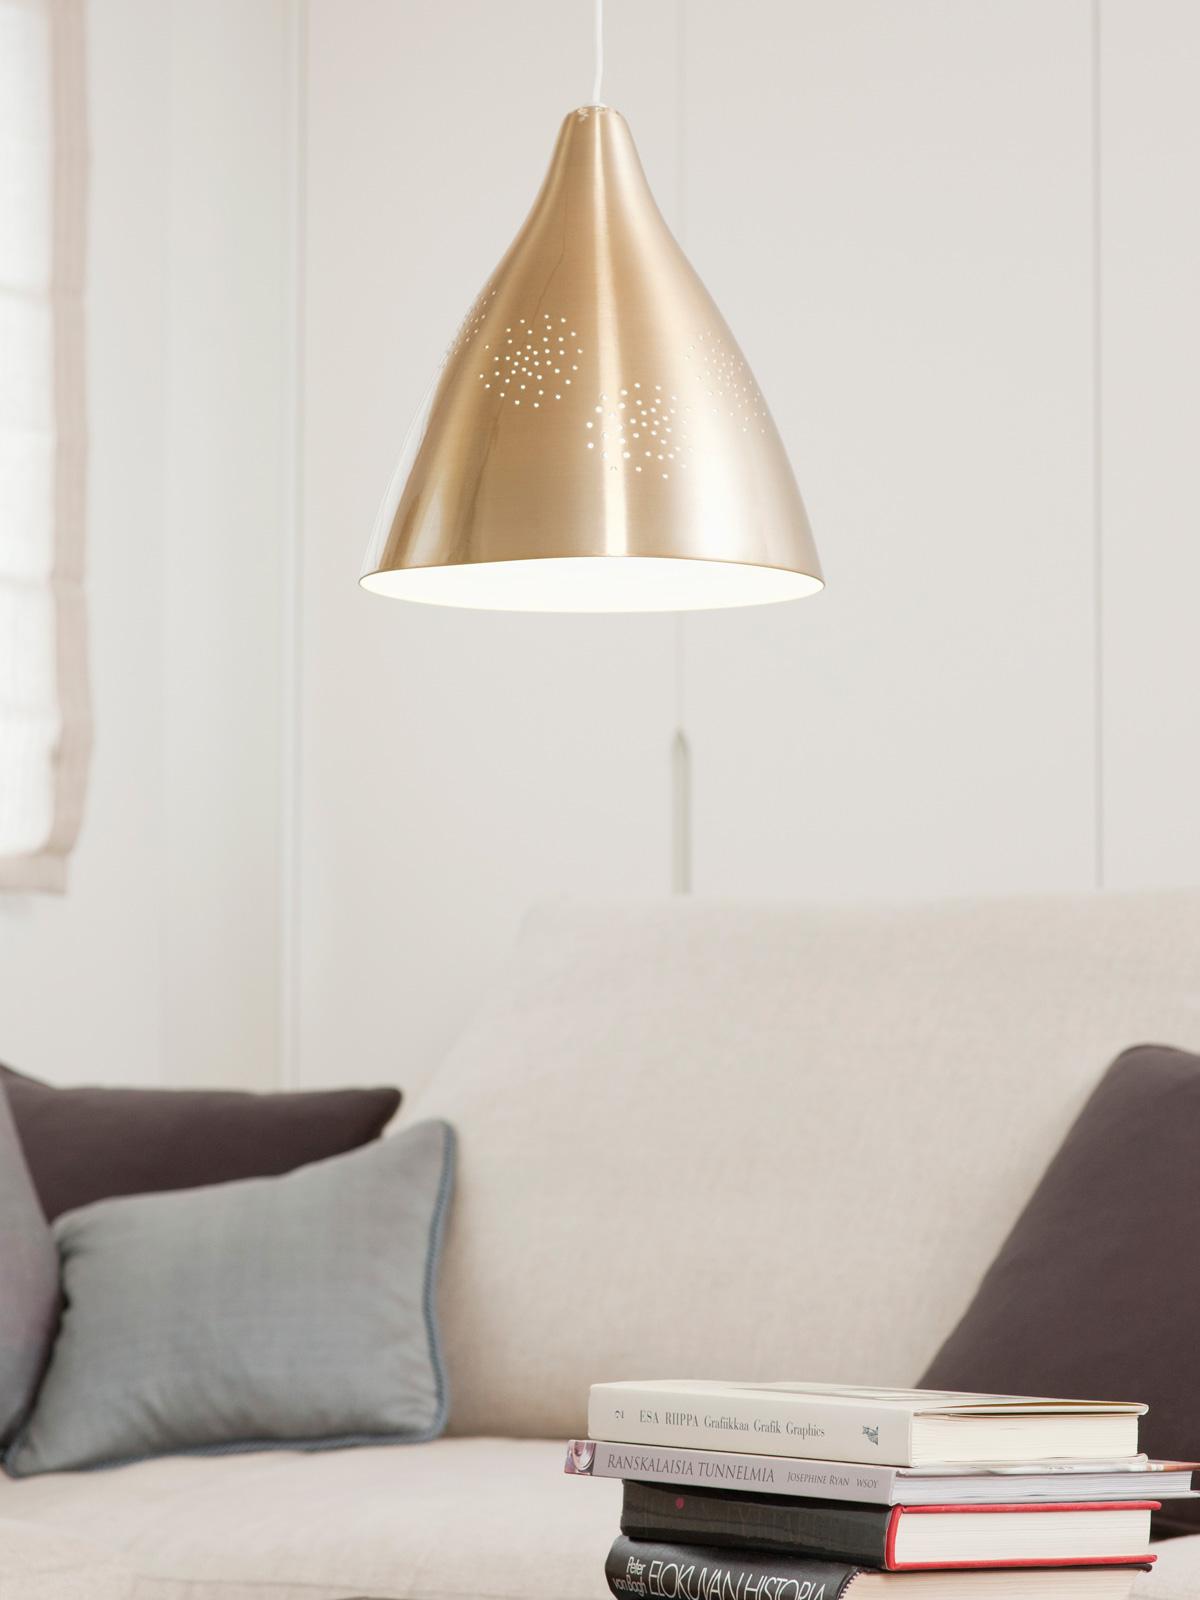 DesignOrt Blog: Messingleuchten Orno Innolux Lampe Lisa finnischer Design Klassiker von Lisa Johansson-Pape